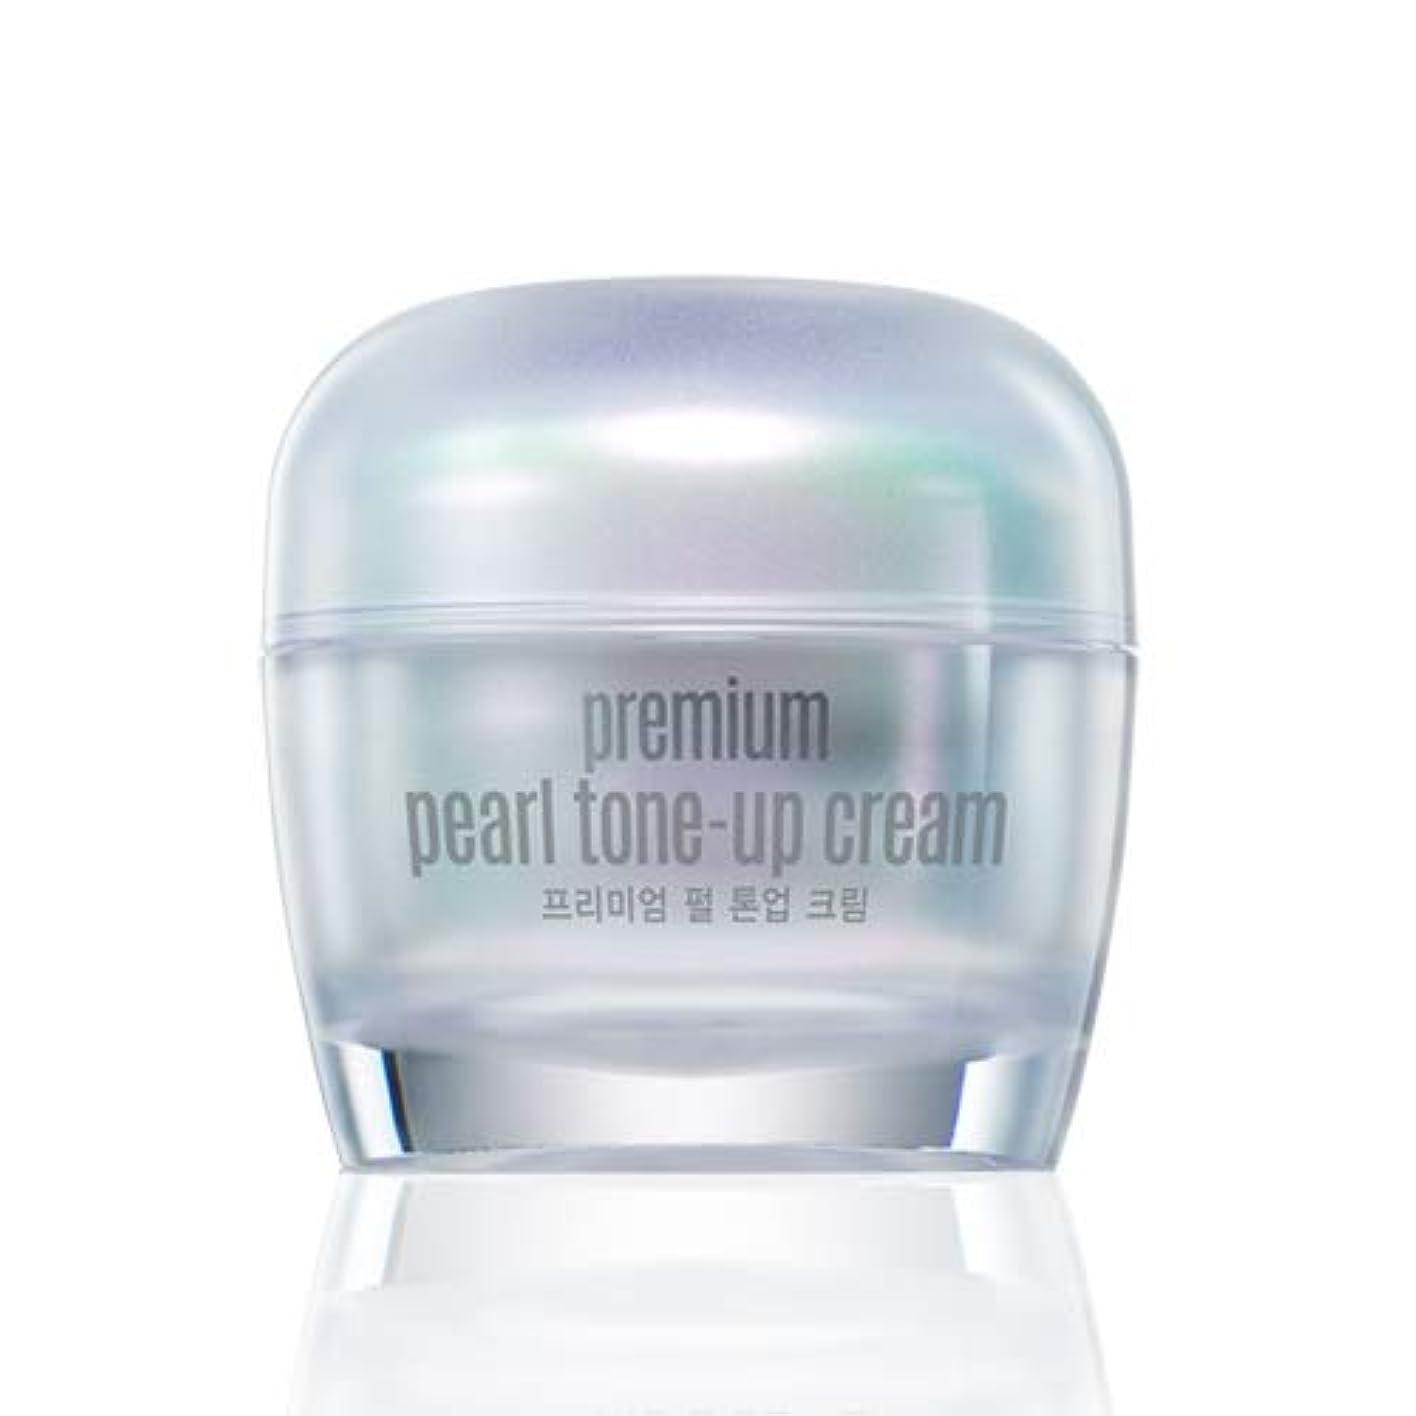 遷移ドアミラー露骨なグーダル プレミアム パール トーンアップ クリーム50ml Goodal Premium Pearl Tone-up Cream [並行輸入品]